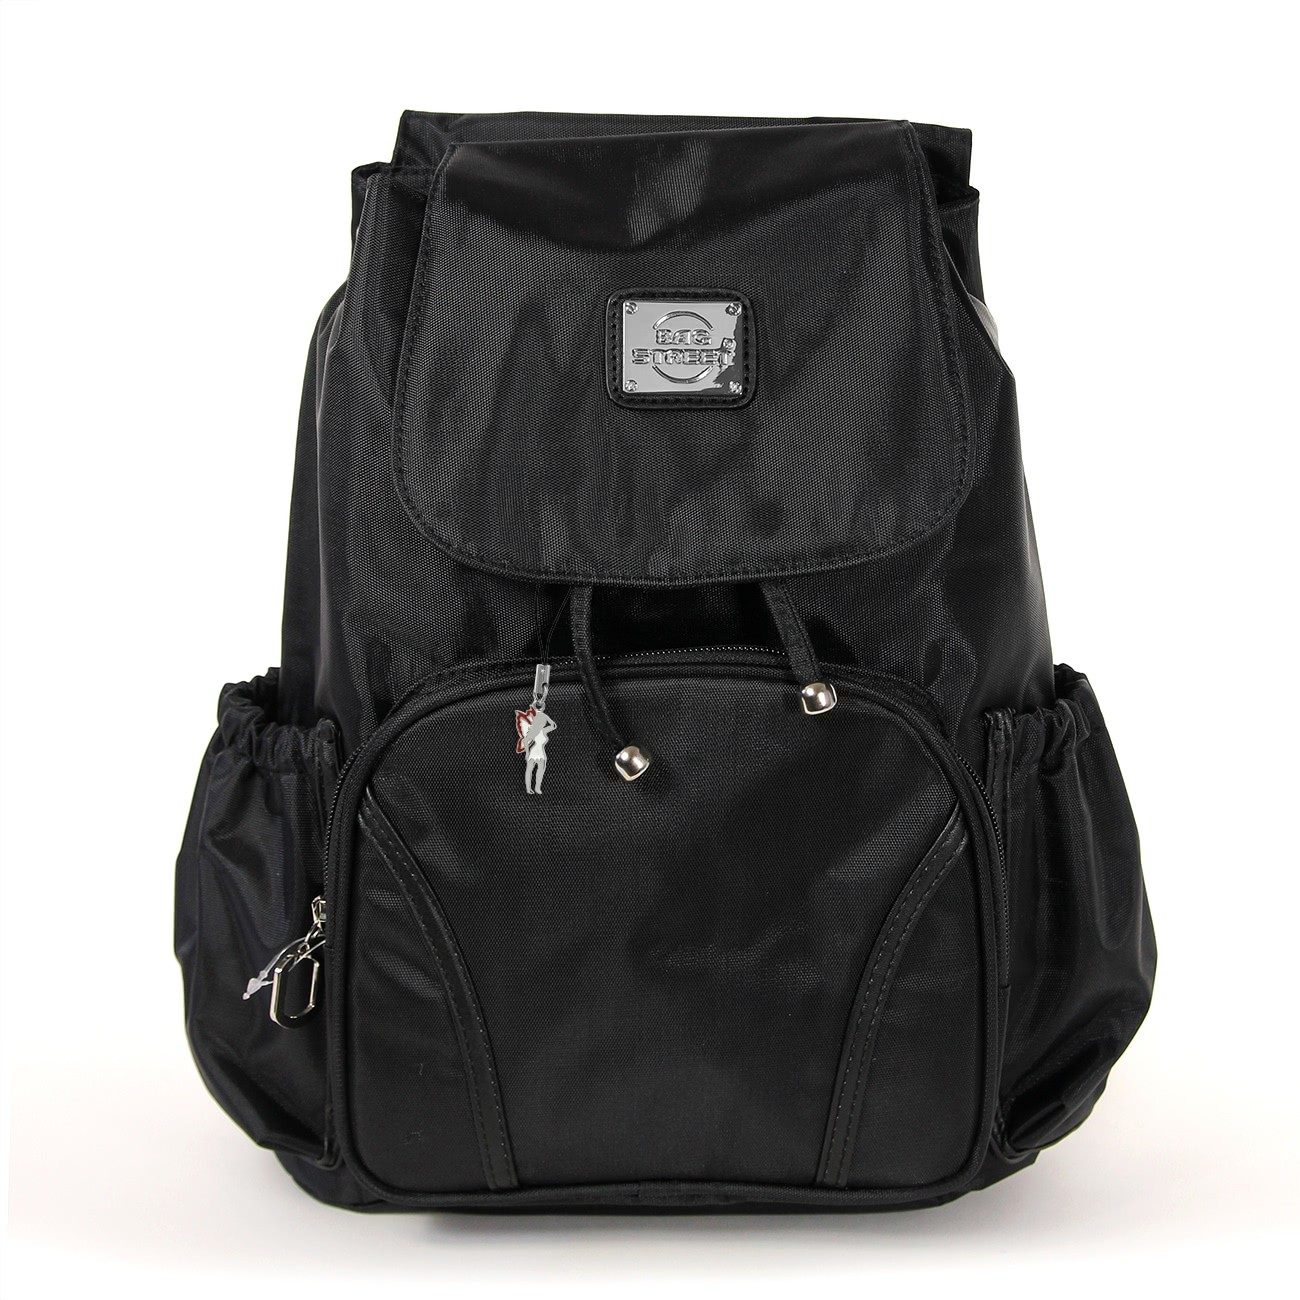 Rucksacktasche Nylon schwarz Damen Rucksack, Handtasche Bag Street OTJ223S